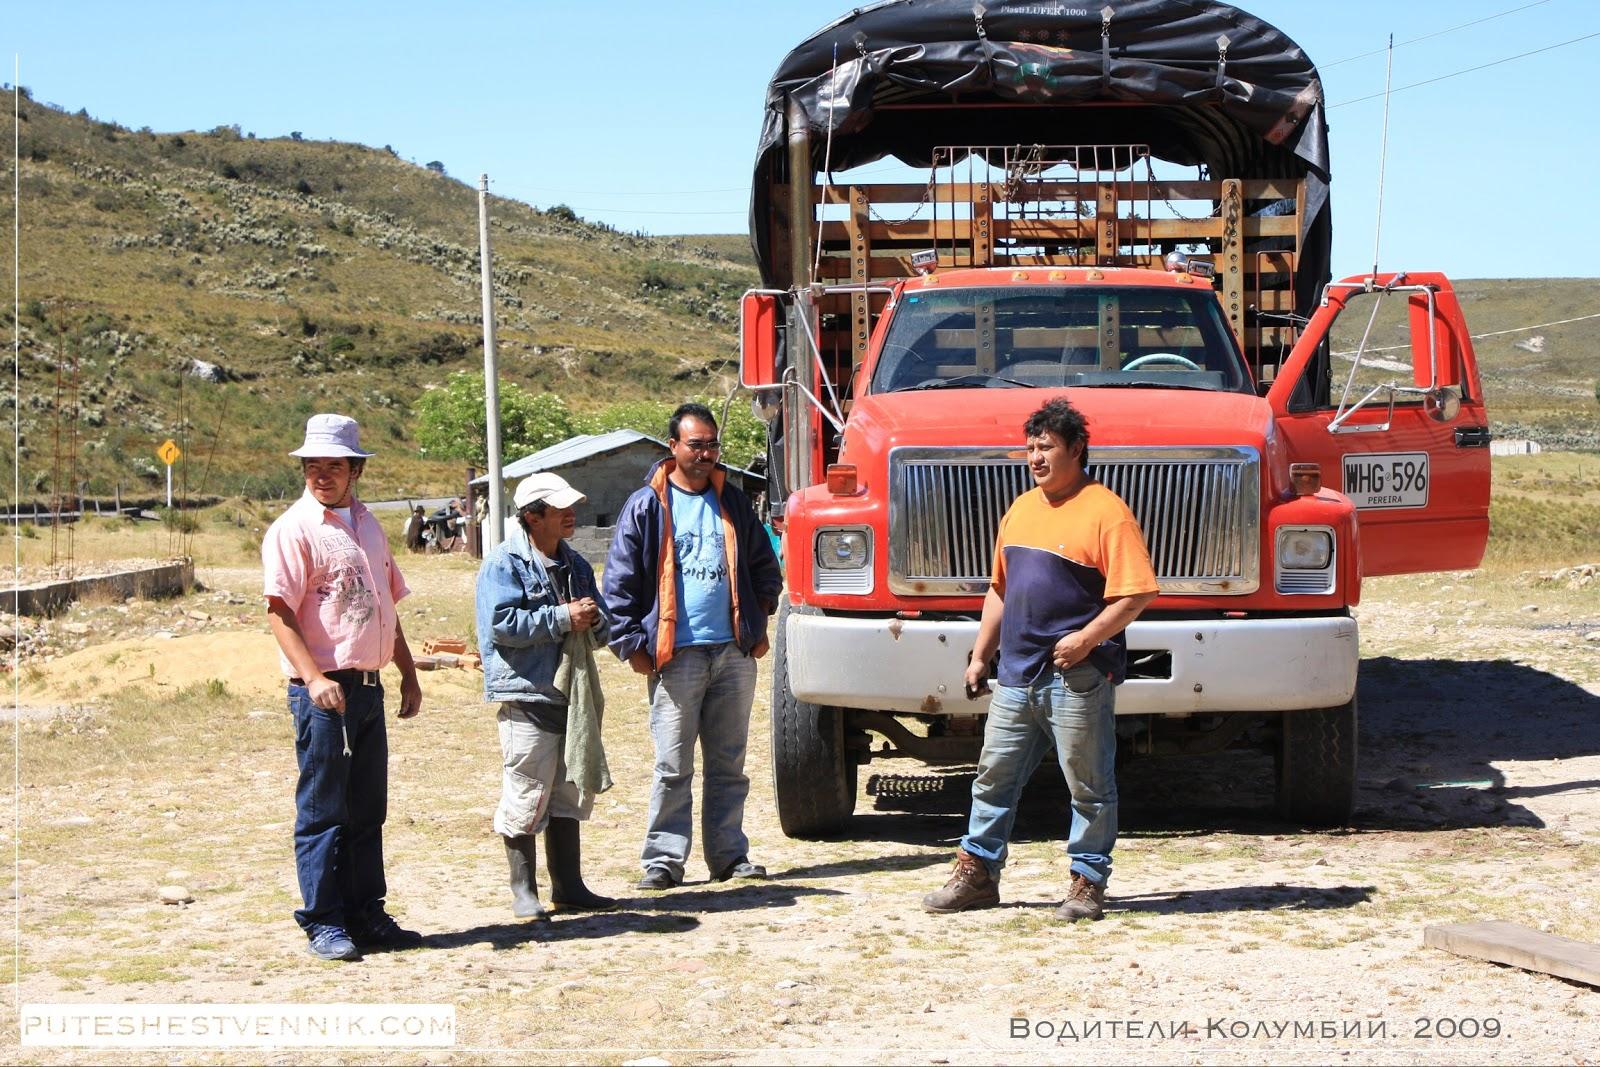 Водители Колумбии и грузовик